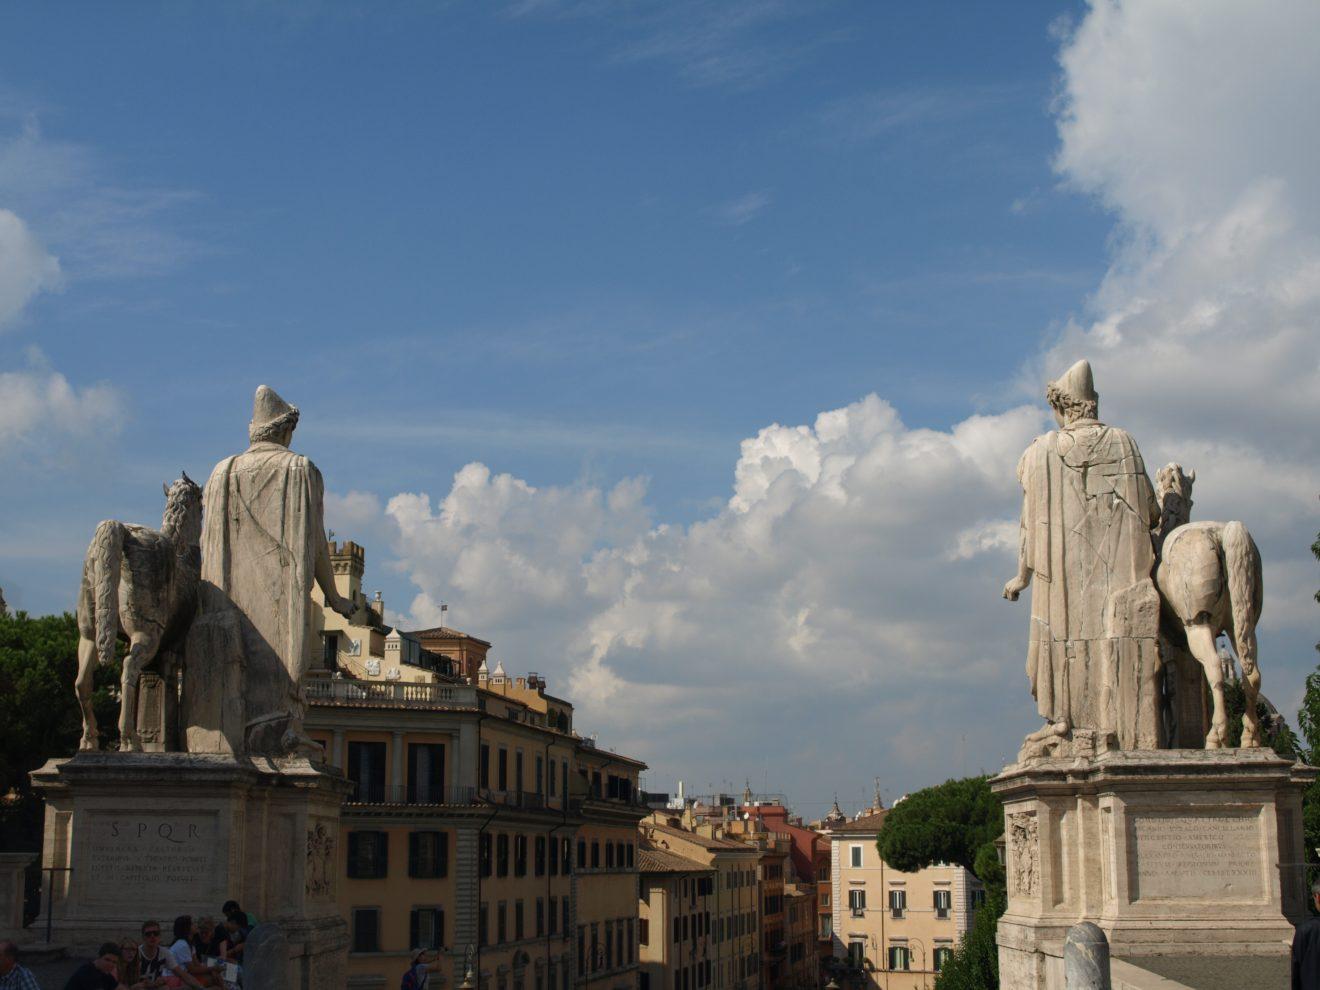 Les statues de Castor et Pollux place du Capitole à Rome